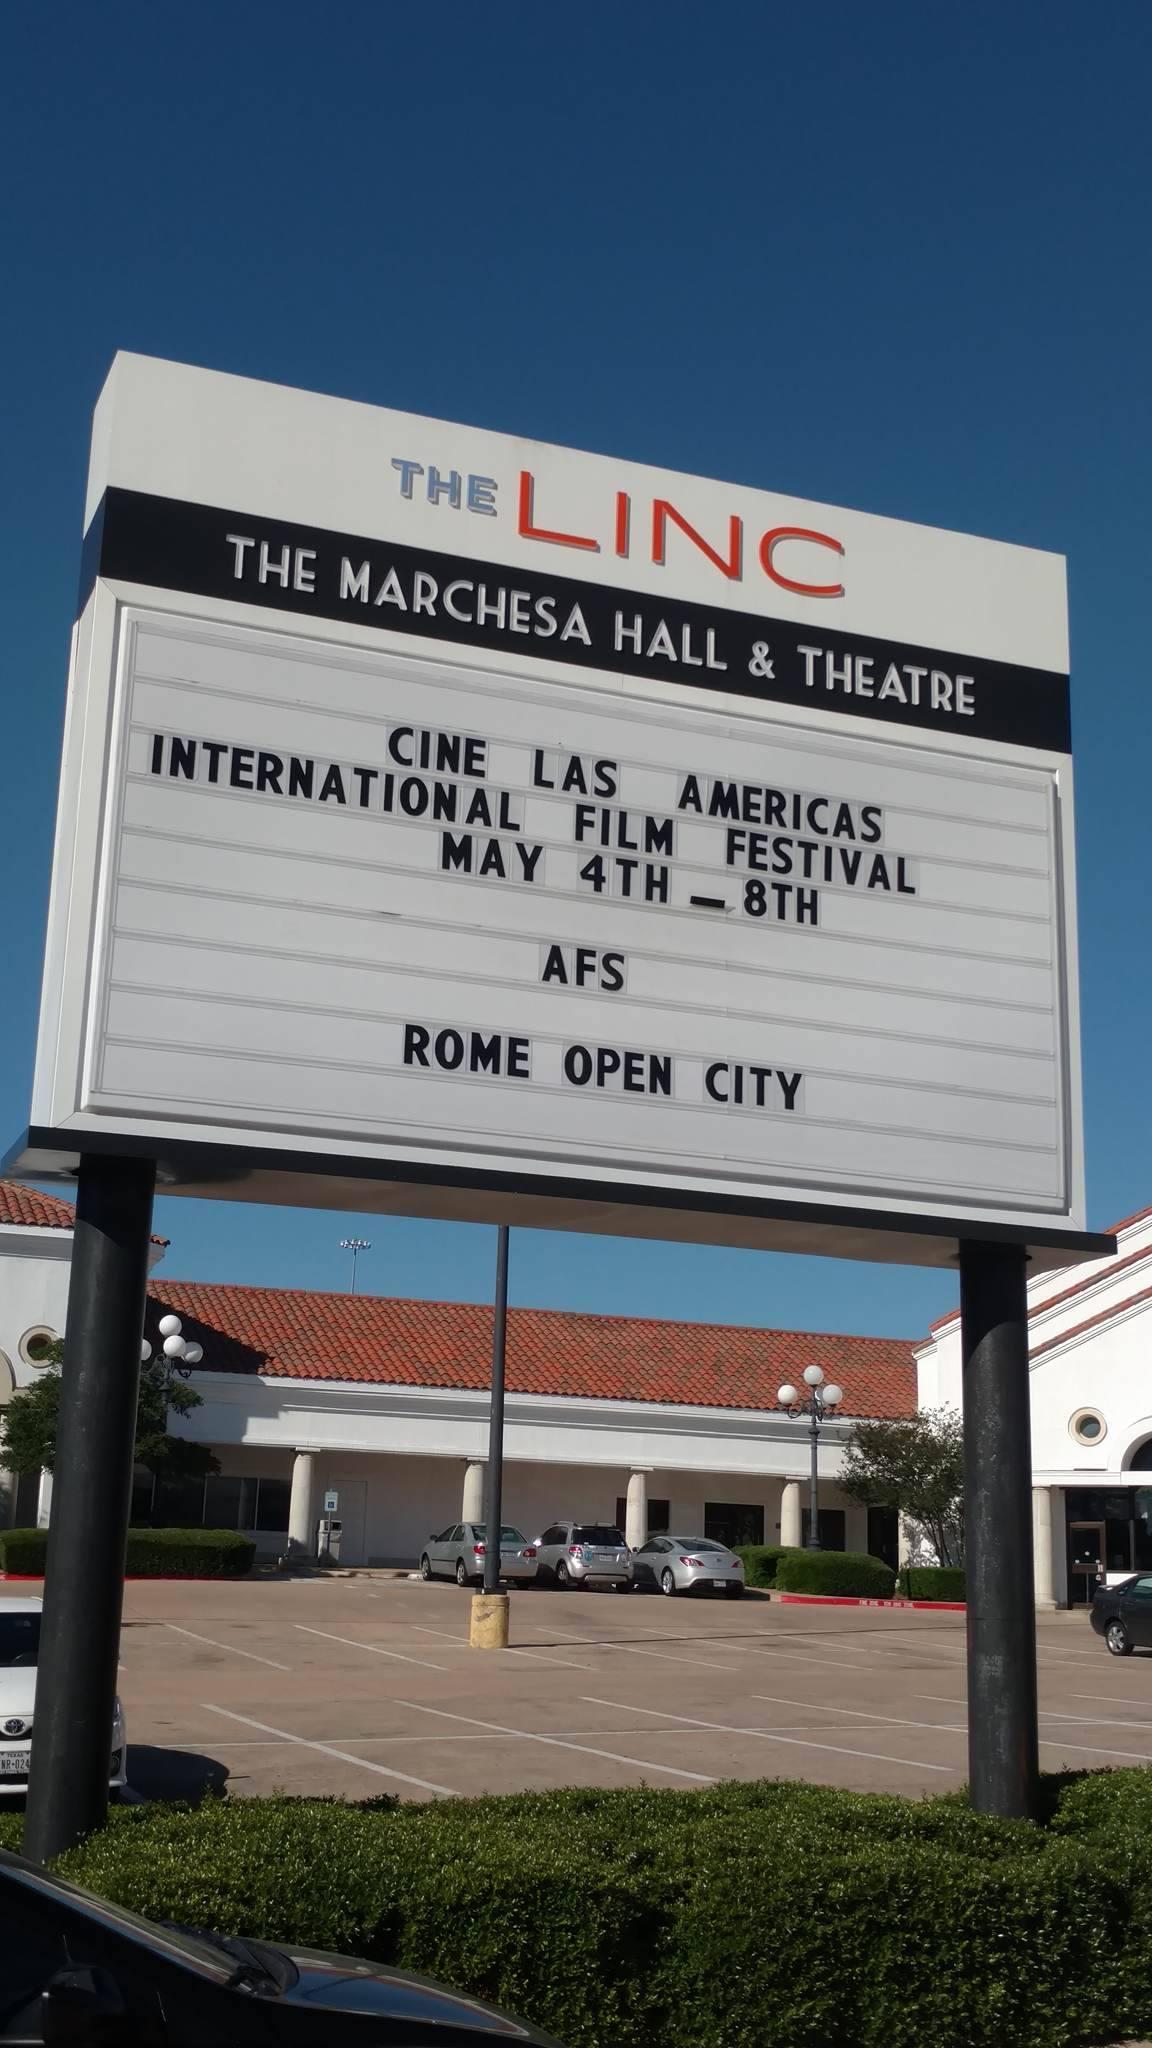 Courtesy of Cine Las Americas